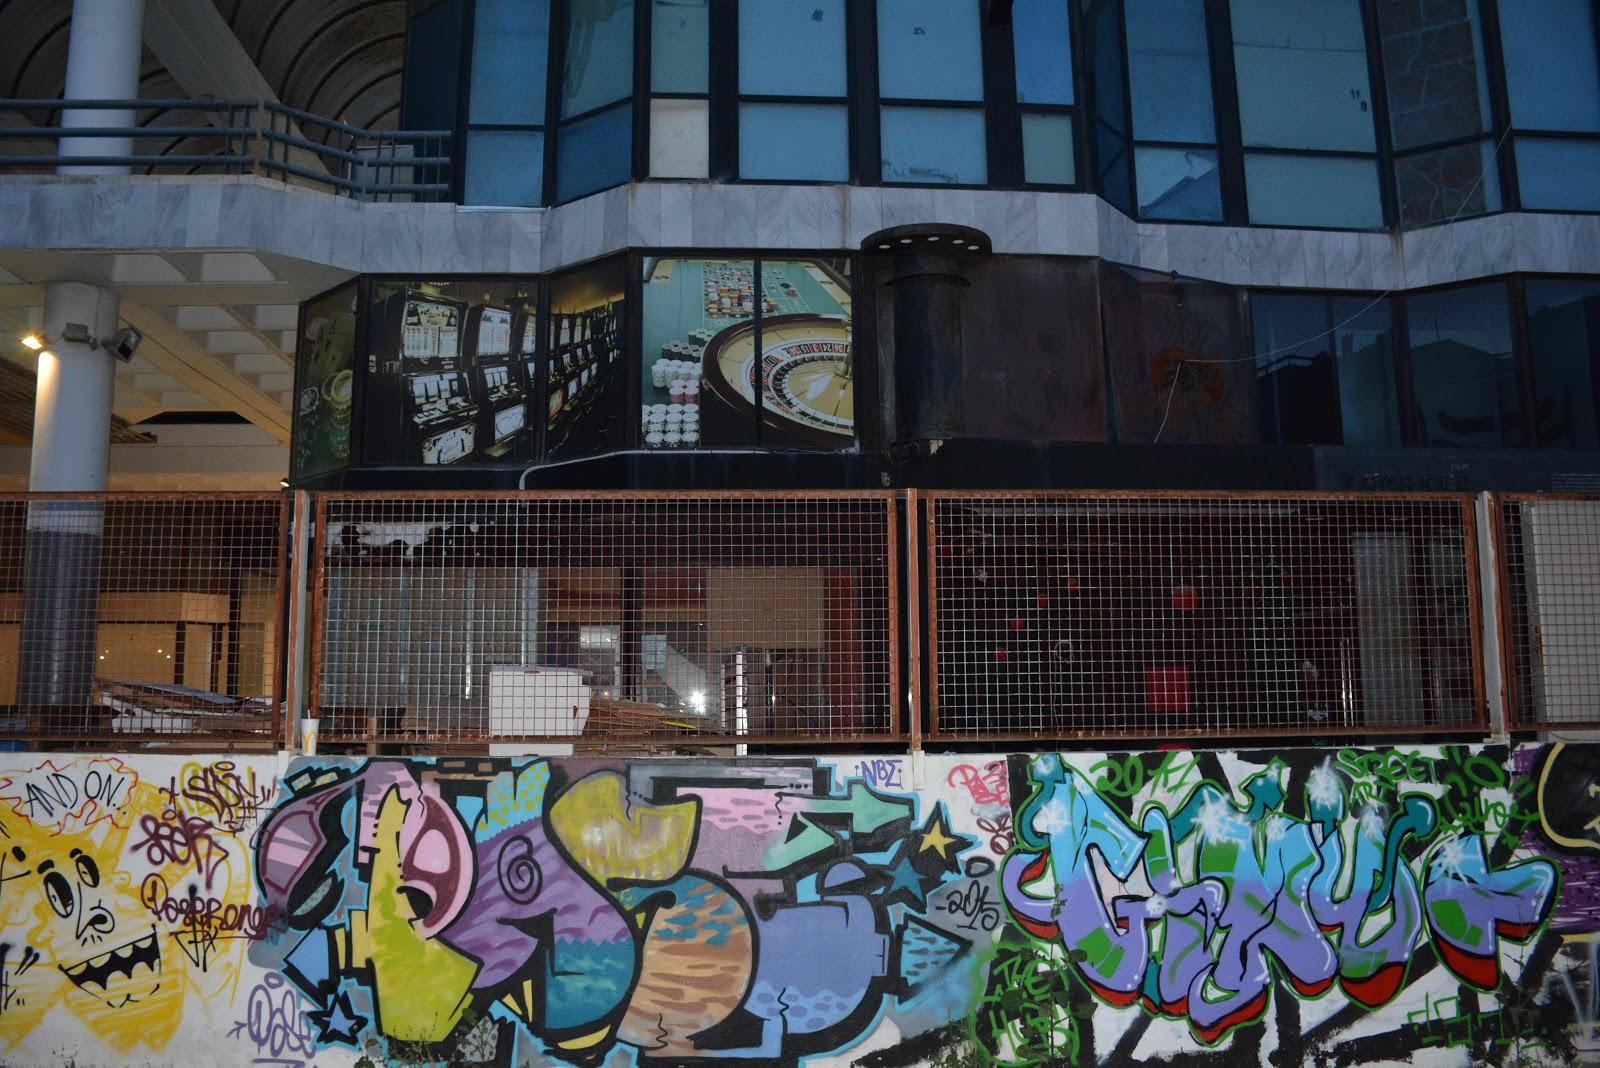 Yeni başlayanlar için graffiti. Grafiti uygulamayı öğrenme